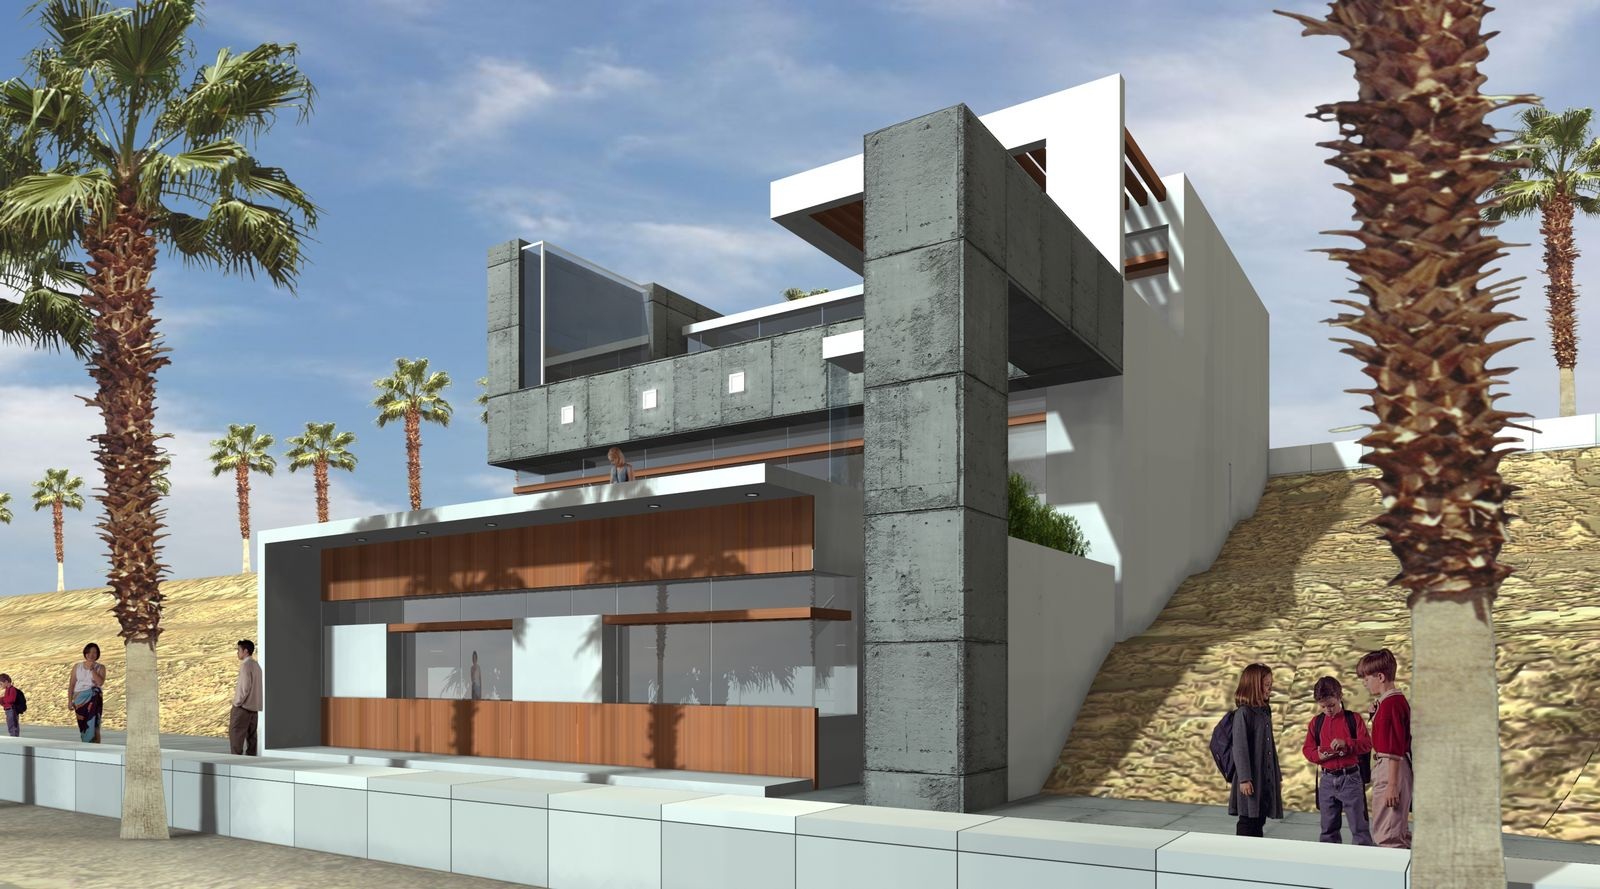 Diego del Castillo - Casa de Playa Barrancadero - oaudarq-02.jpg